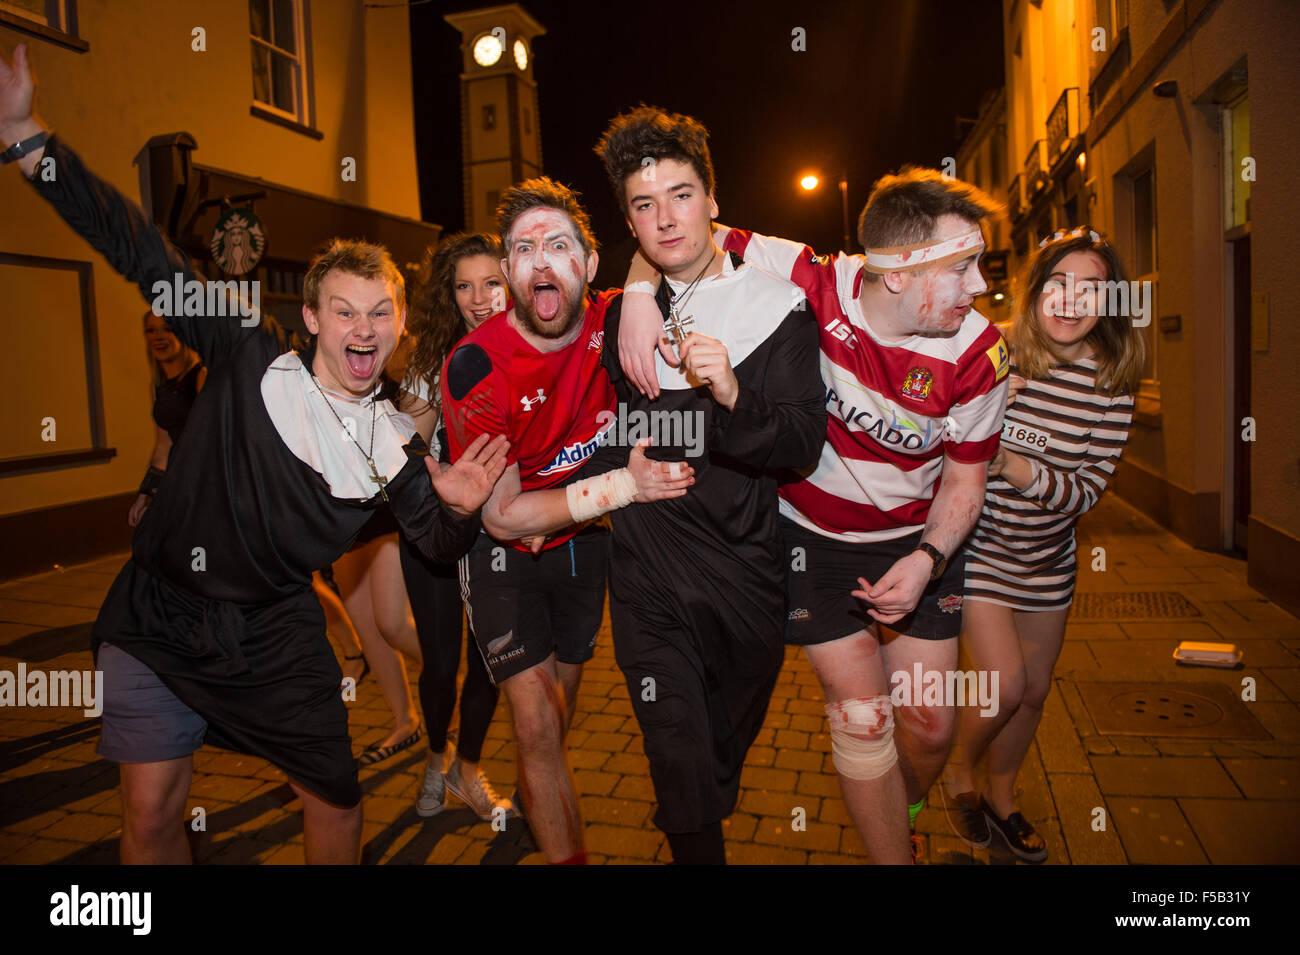 Aberystwyth, Wales, UK. 31st October, 2015. Groups of university ...